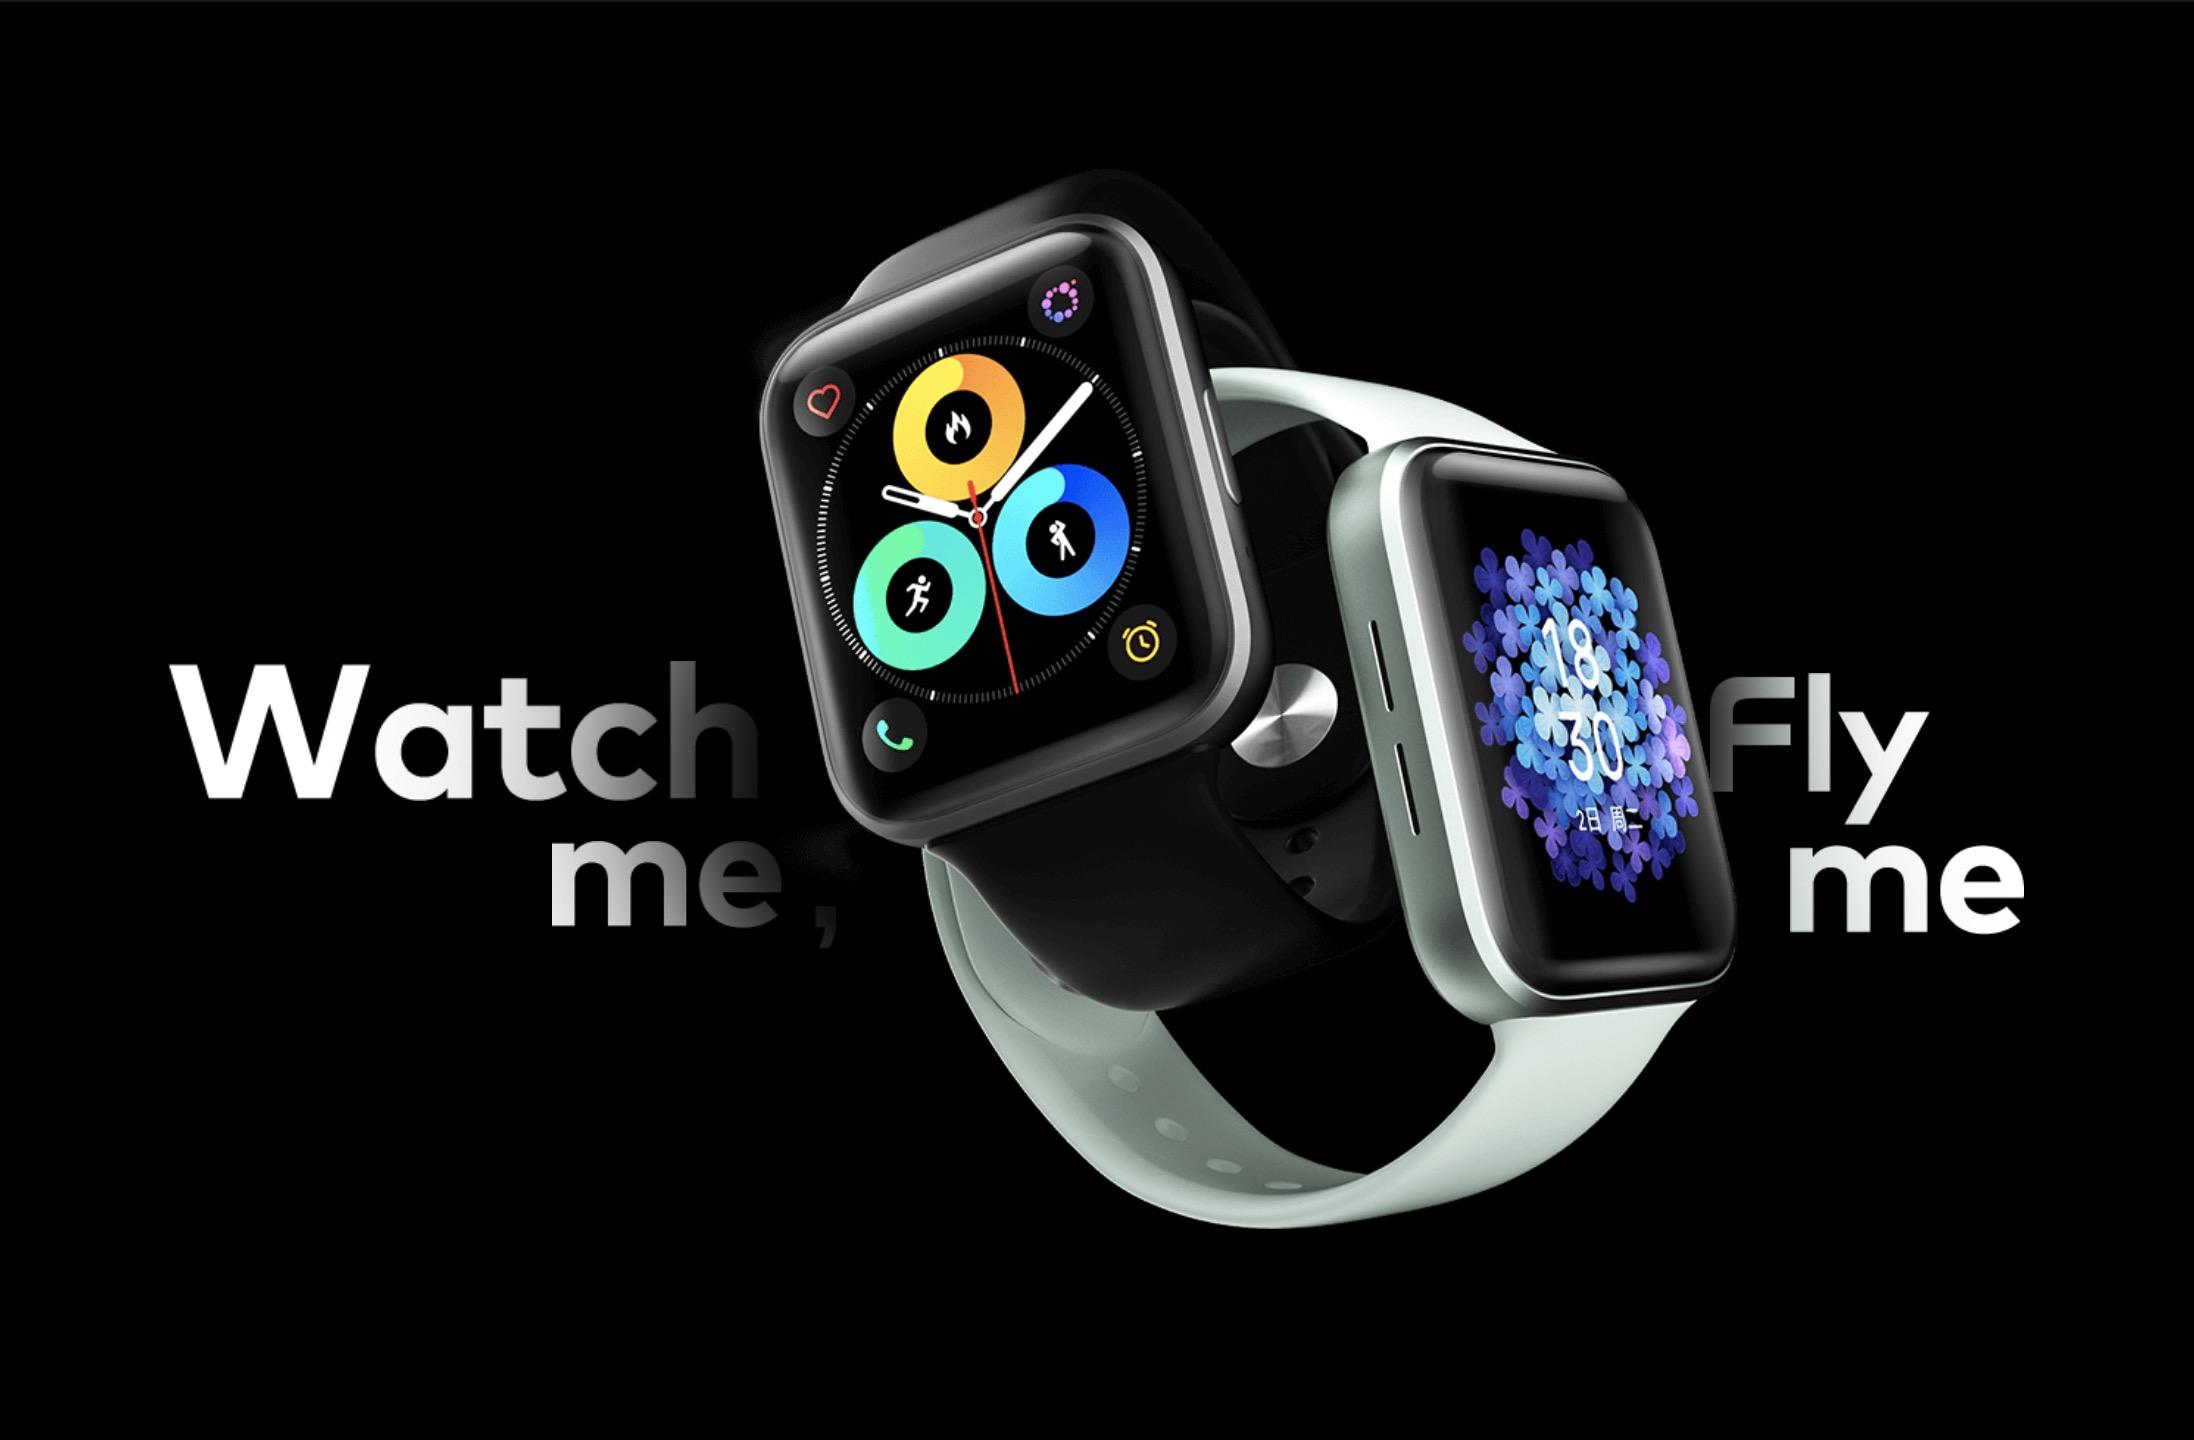 Meizu ra mắt smartwatch đầu tiên với thiết kế nhái Apple Watch, giá 5.4 triệu đồng - Ảnh 3.